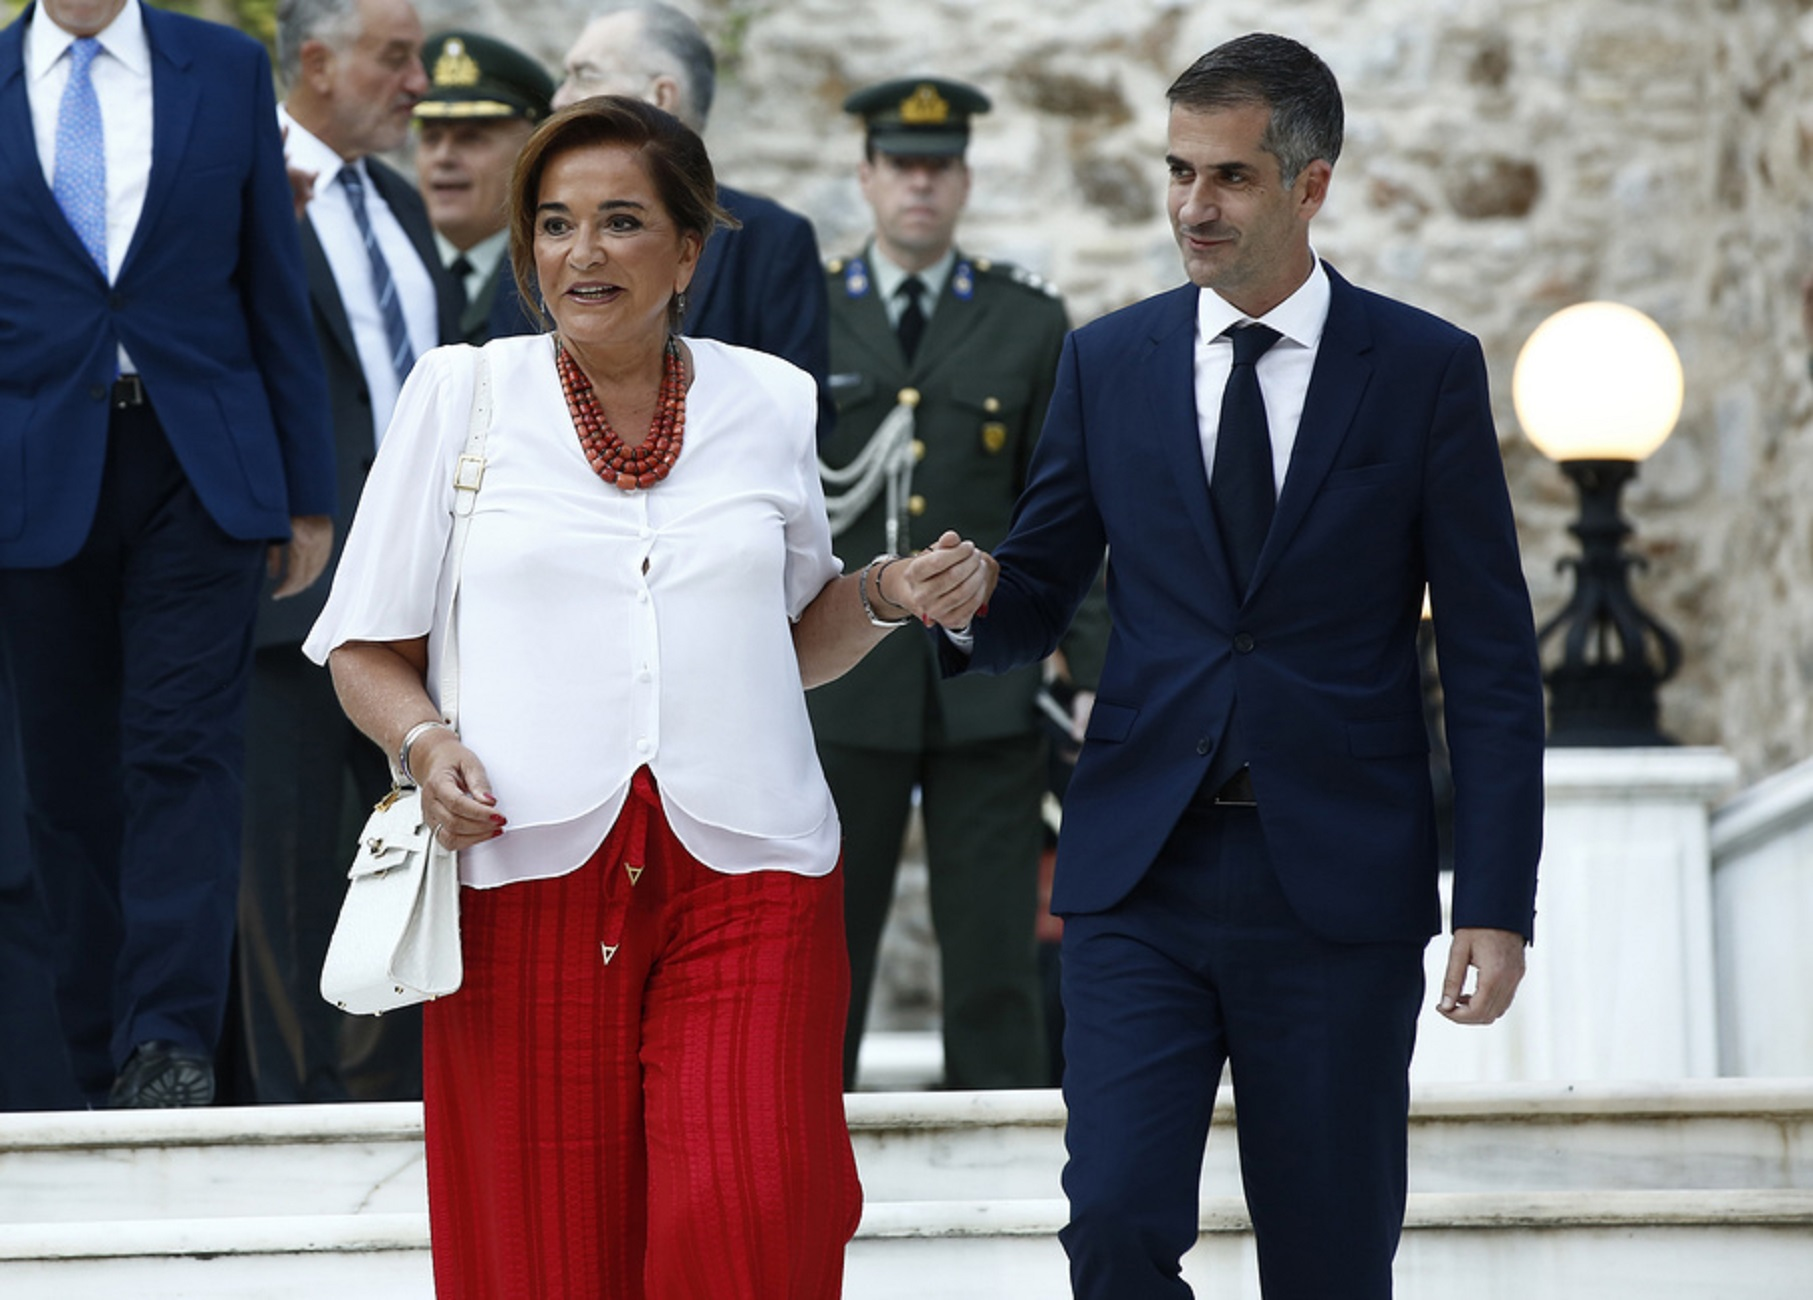 Η βουλευτής της ΝΔ Ντόρα Μπακογιάννη και ο δήμαρχος Αθηναίων Κώστας Μπακογιάννης προσέρχονται στη δεξίωση για την 46η επέτειο αποκατάστασης της Δημοκρατίας στη χώρα μας, στο Προεδρικό Μέγαρο, Αθήνα Παρασκευή 24 Ιουλίου 2020. ΑΠΕ-ΜΠΕ/ΑΠΕ-ΜΠΕ/ΓΙΑΝΝΗΣ ΚΟΛΕΣΙΔΗΣ ΑΠΕ-ΜΠΕ/ΑΠΕ-ΜΠΕ/ΓΙΑΝΝΗΣ ΚΟΛΕΣΙΔΗΣ